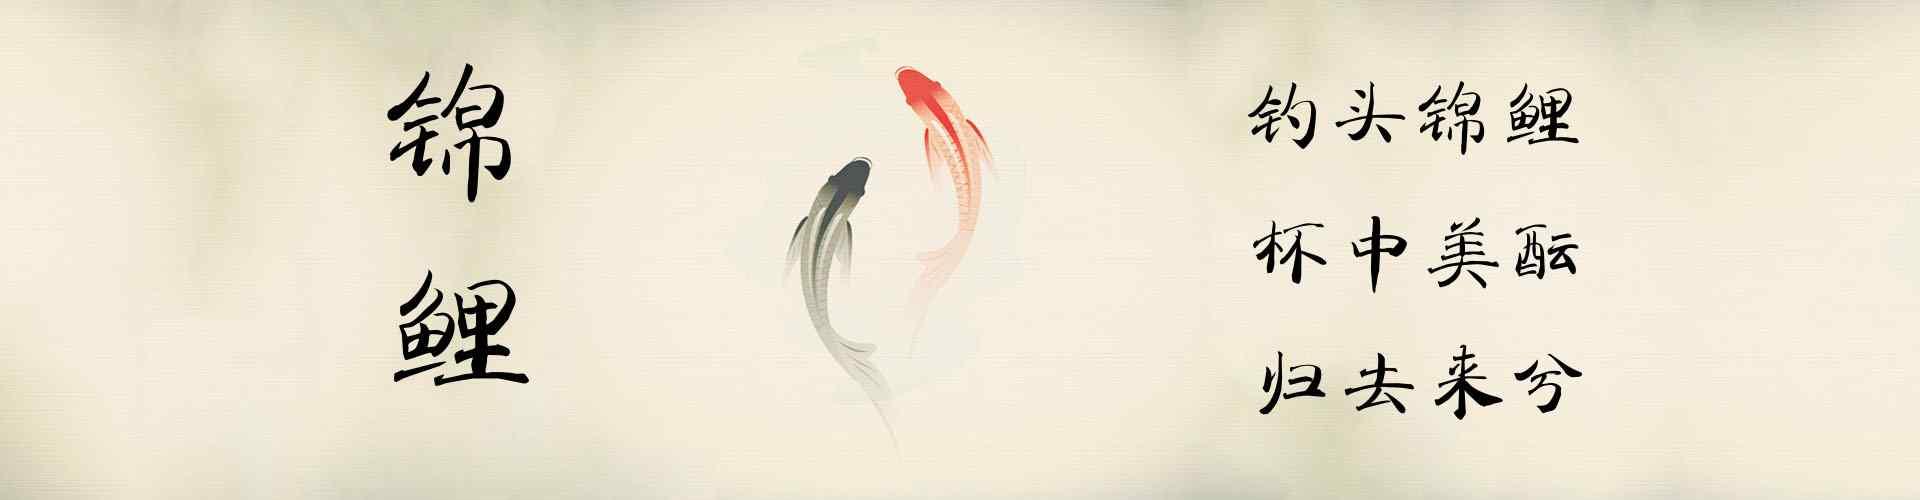 锦鲤_锦鲤图片_许愿锦鲤图片_锦鲤桌面壁纸、手机壁纸_锦鲤动物壁纸